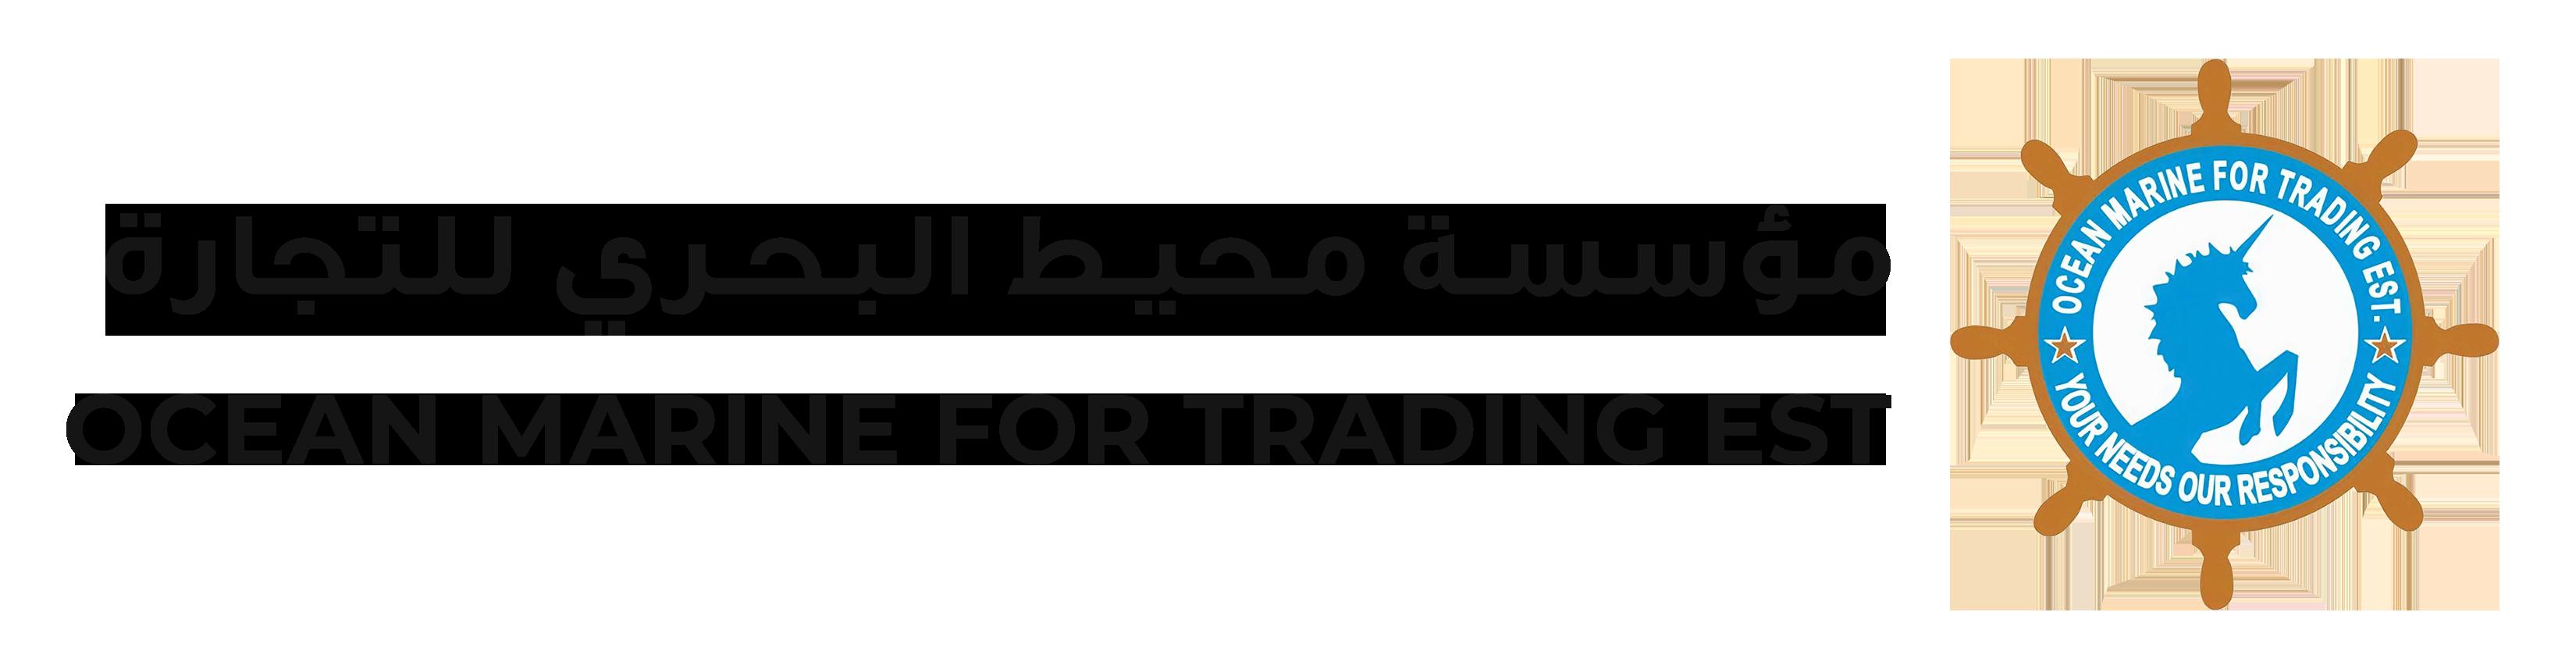 مؤسسة محيط البحري للتجارة